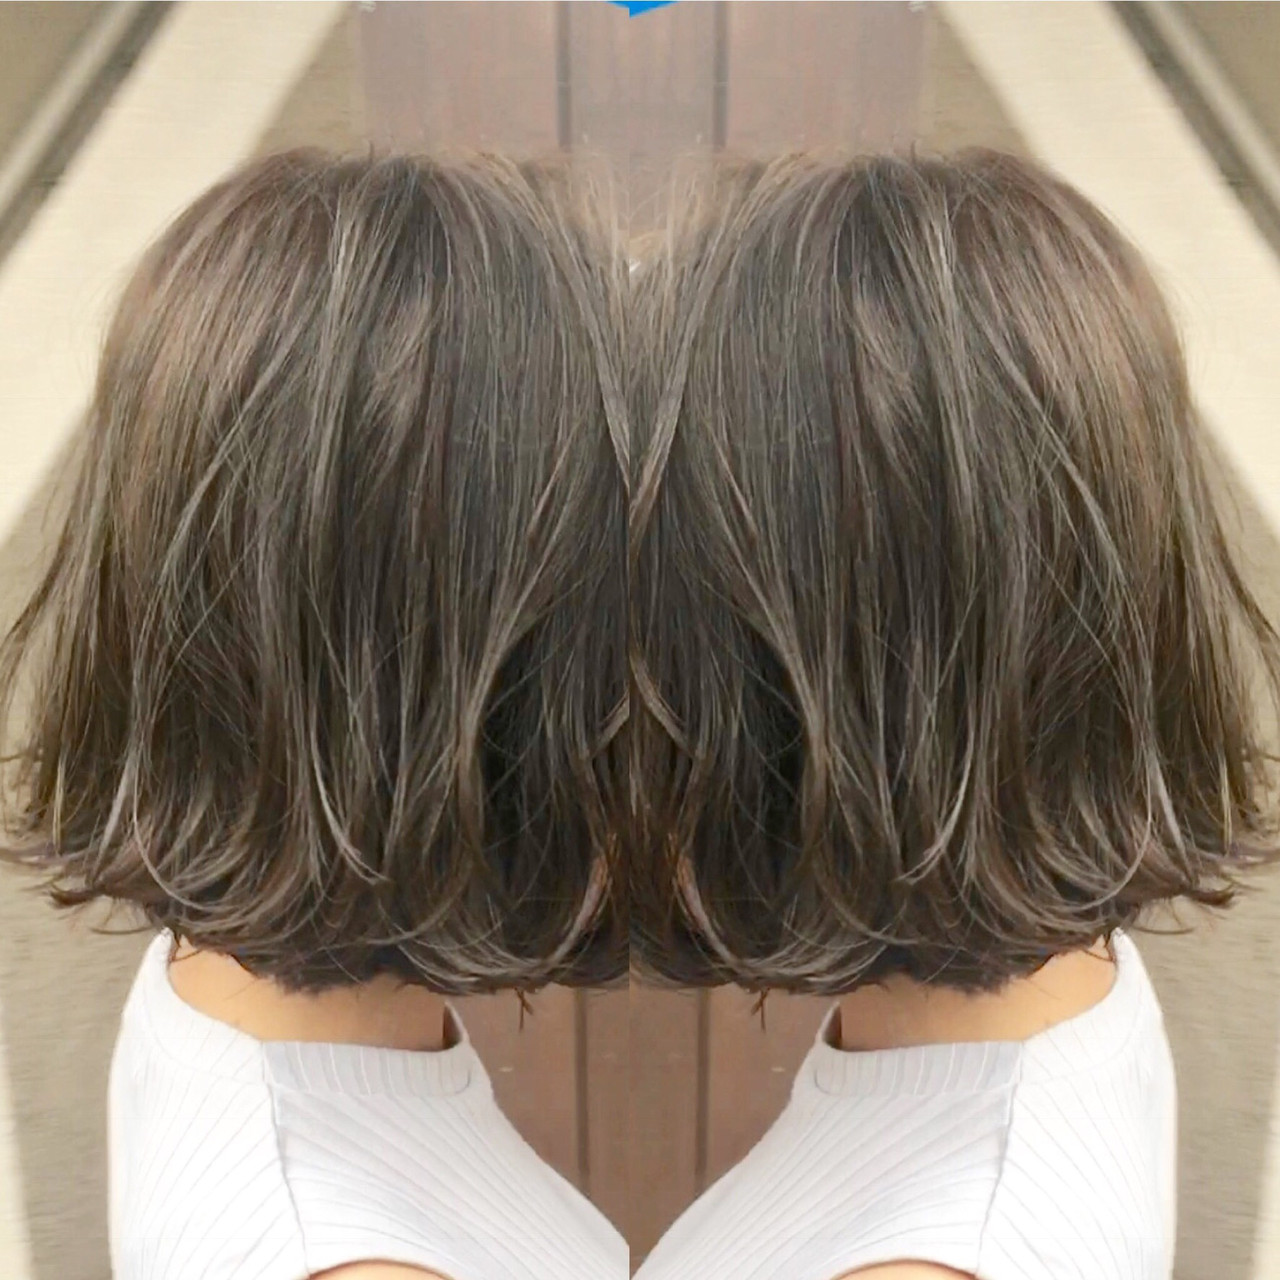 ナチュラル 切りっぱなしボブ 地毛風カラー ショートボブ ヘアスタイルや髪型の写真・画像